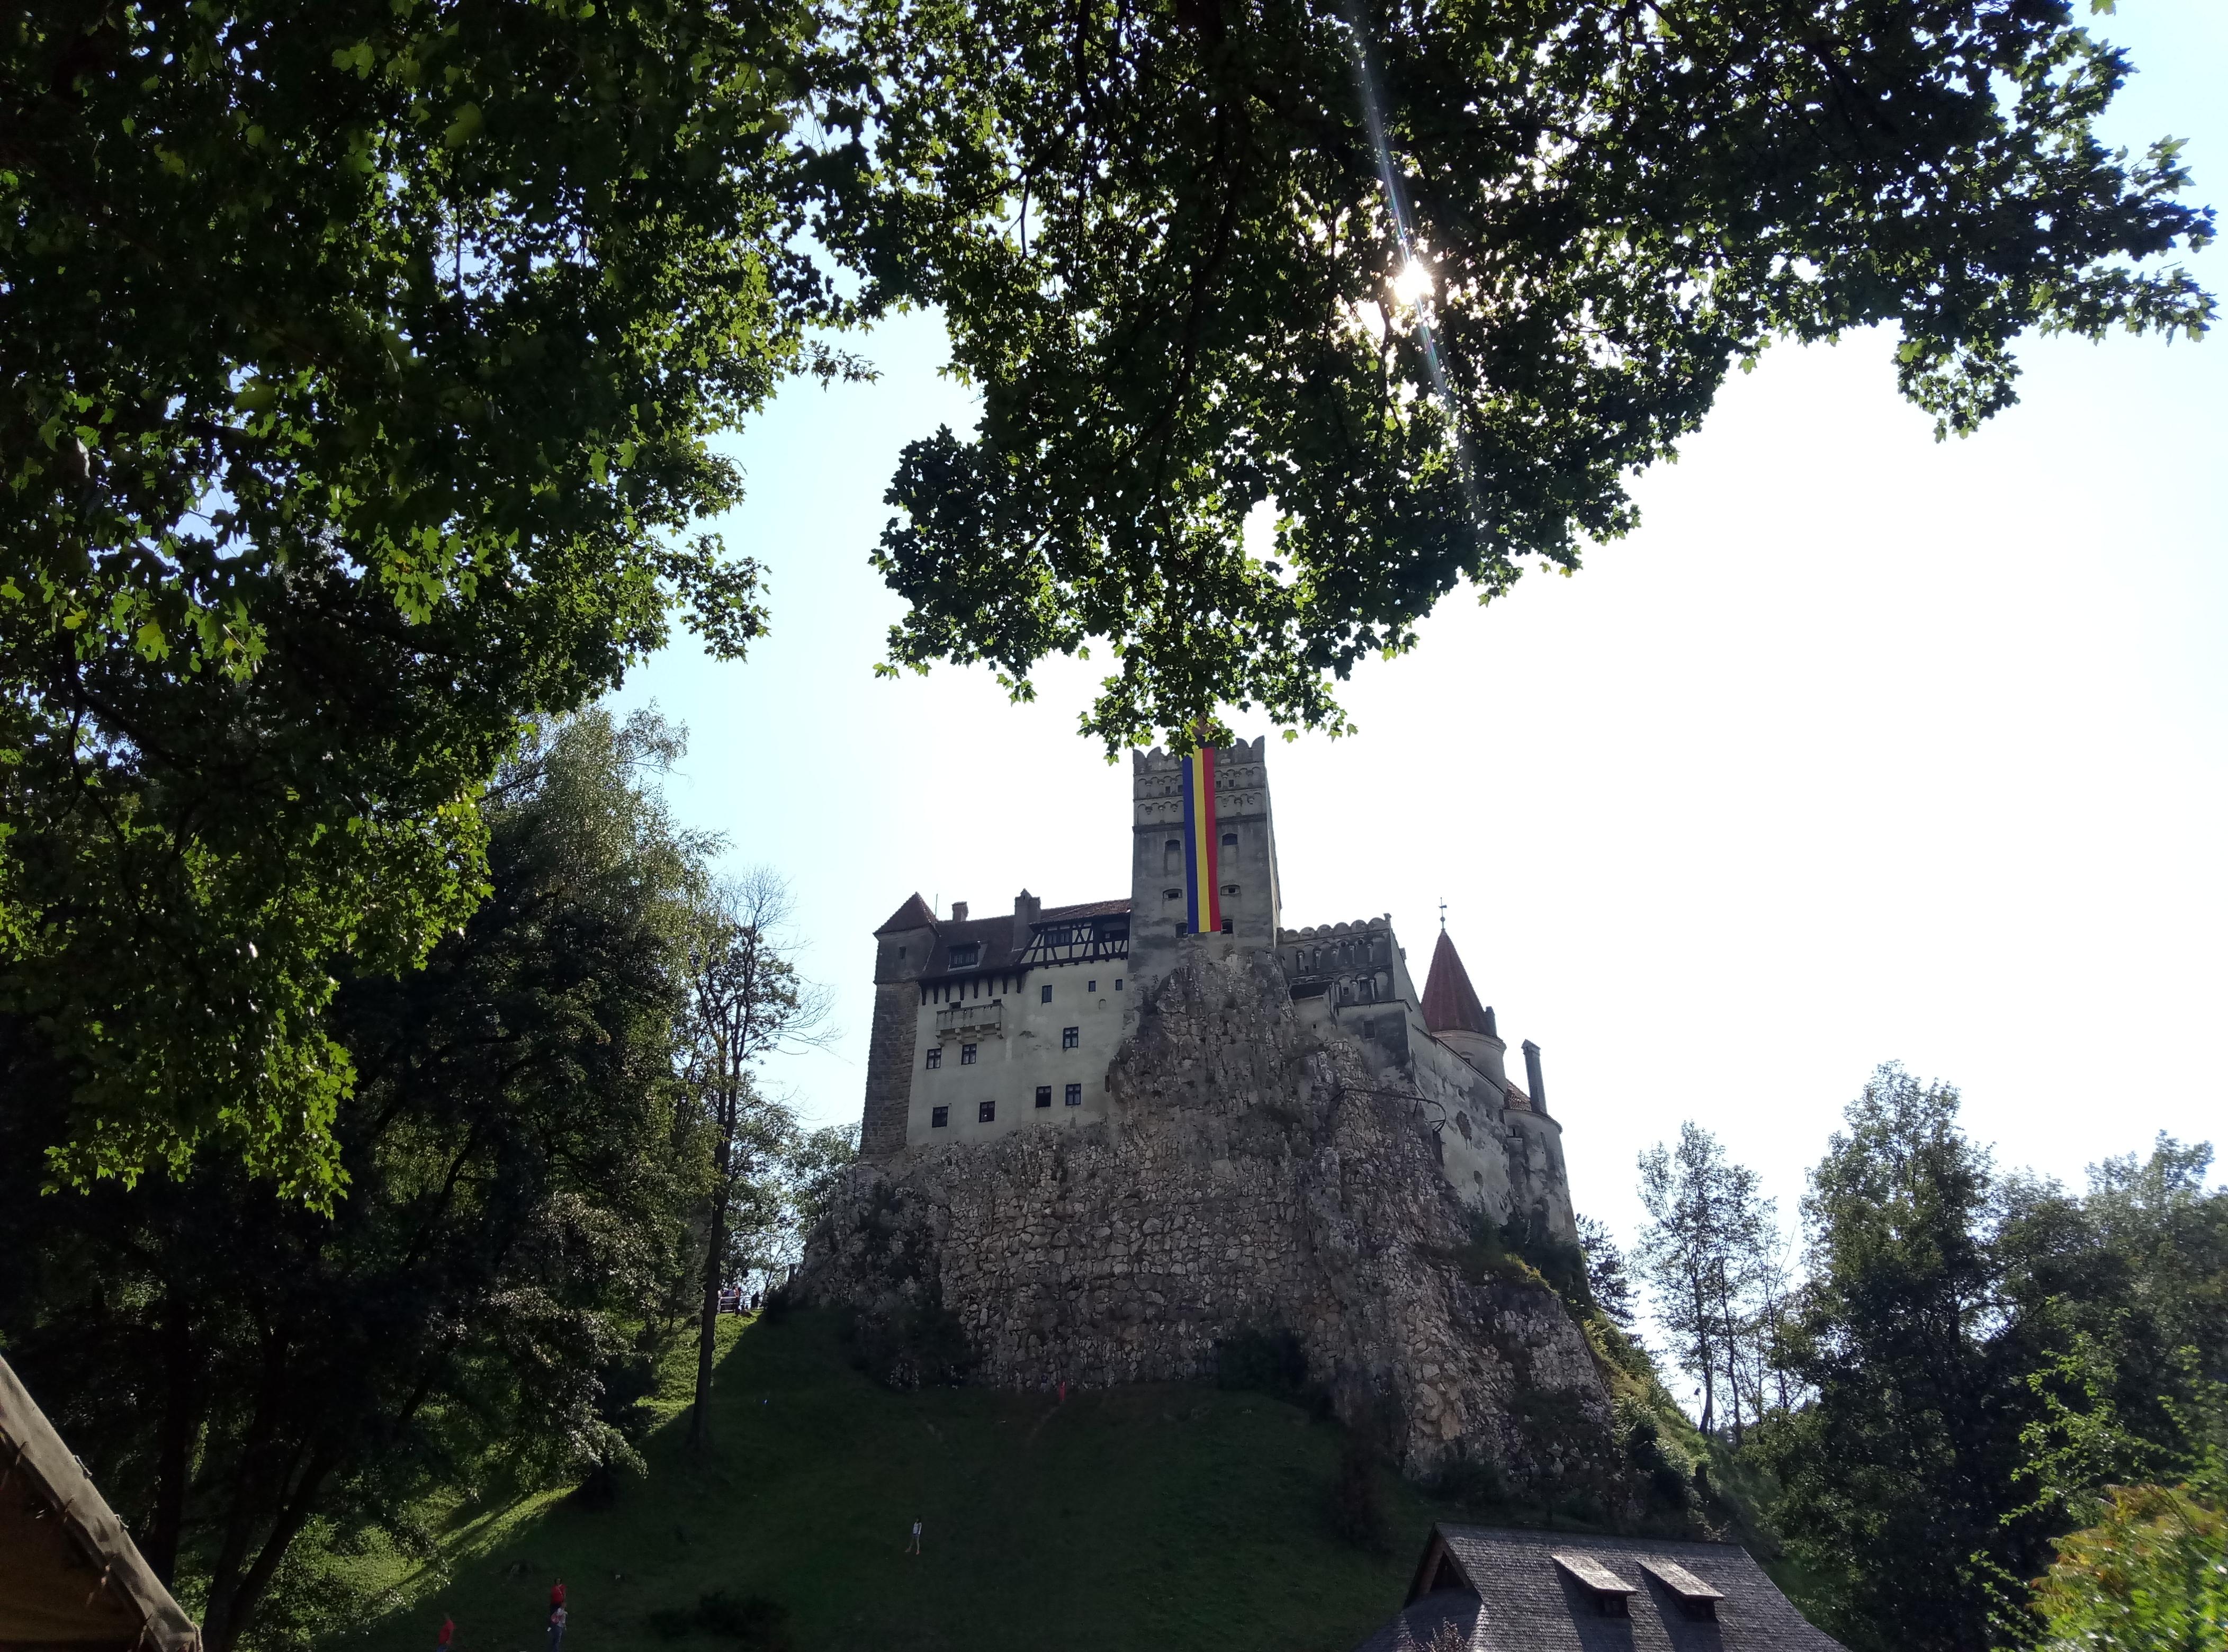 Замок Дракулы в Трансильвании: у вапмира были гениальные пиарщики Замок Дракулы в Трансильвании P80826 151244